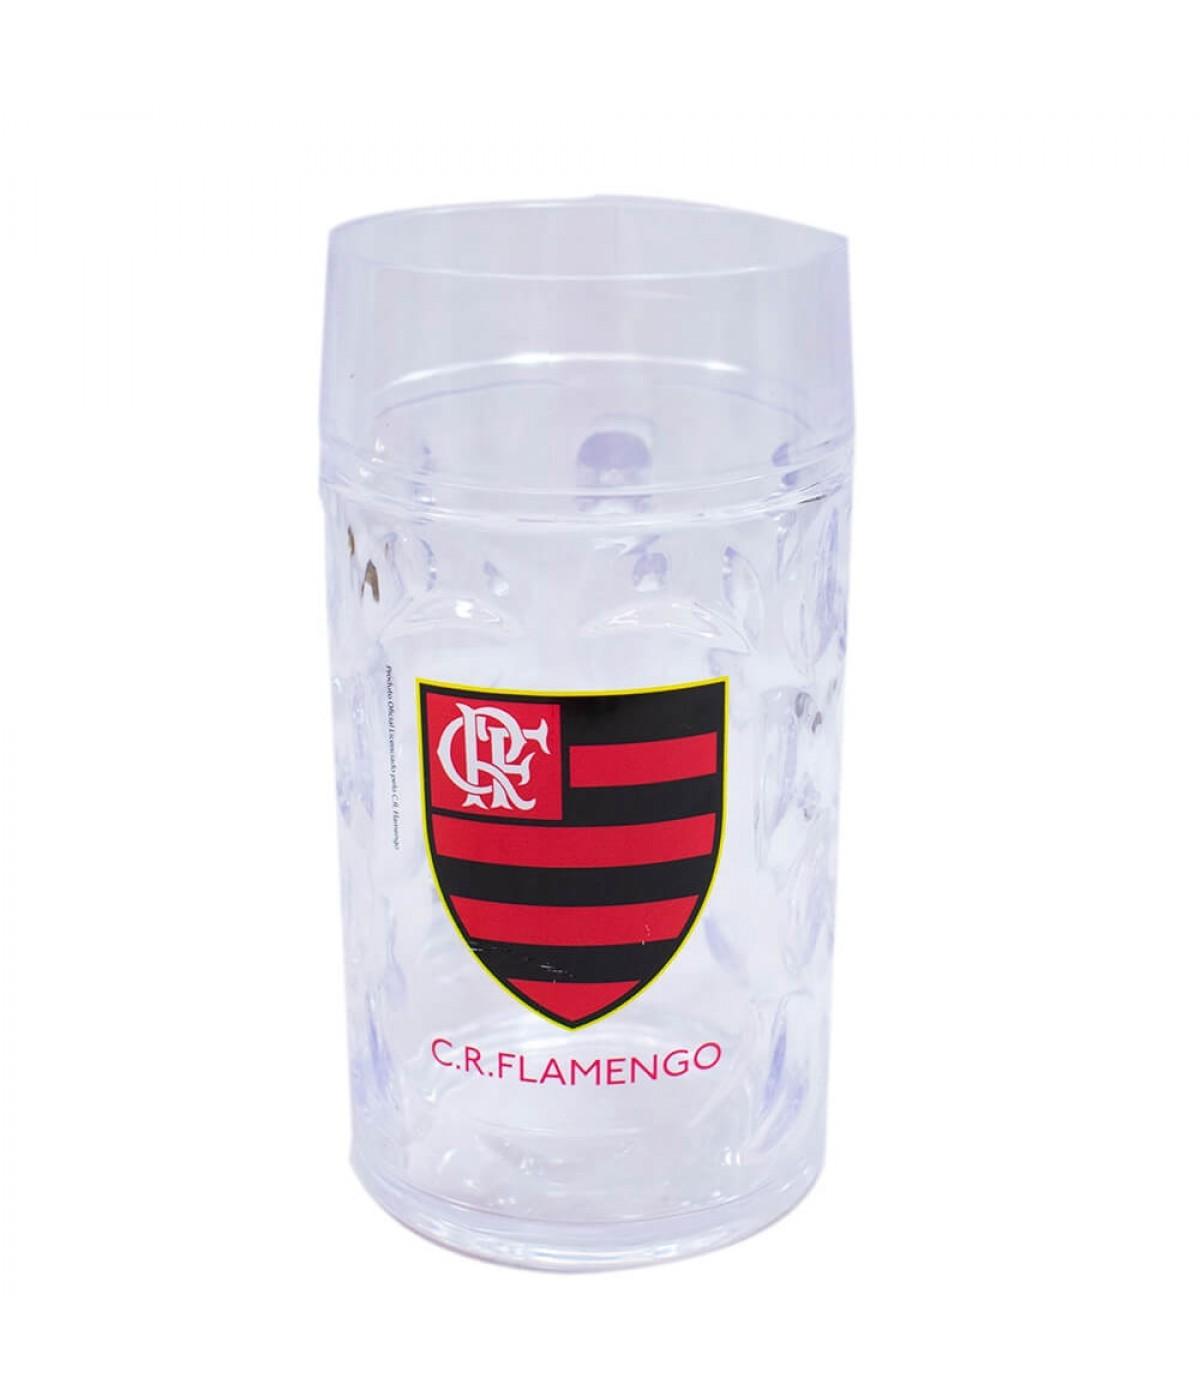 Caneca Plástico Gigante 900ml - Flamengo